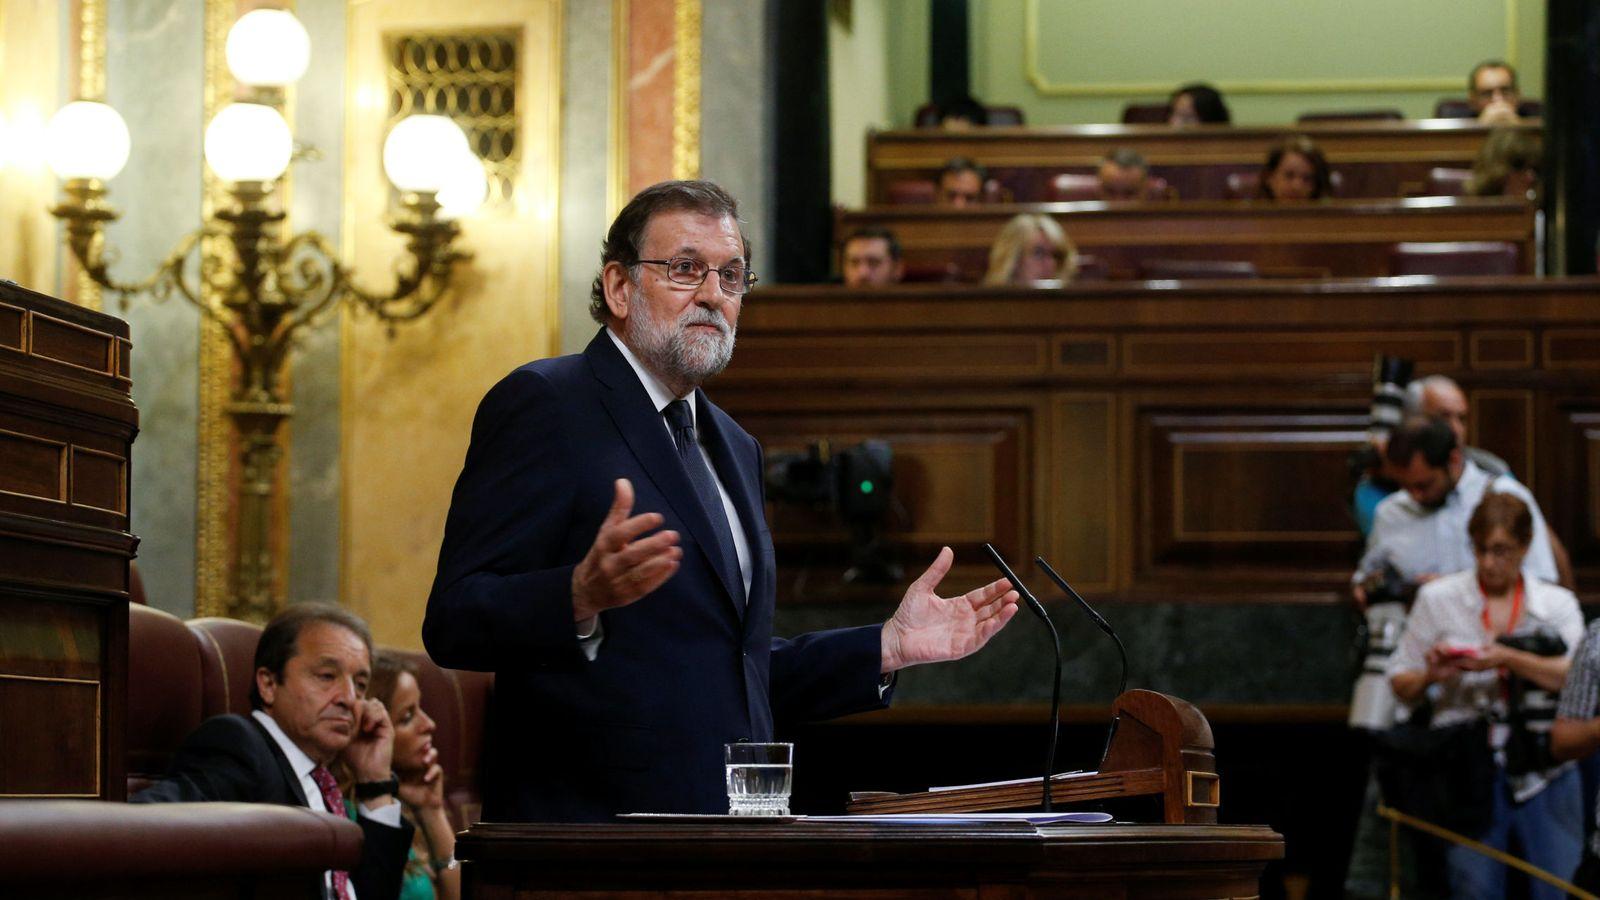 Foto: El presidente del Gobierno, Mariano Rajoy, durante su intervención. (Reuters)